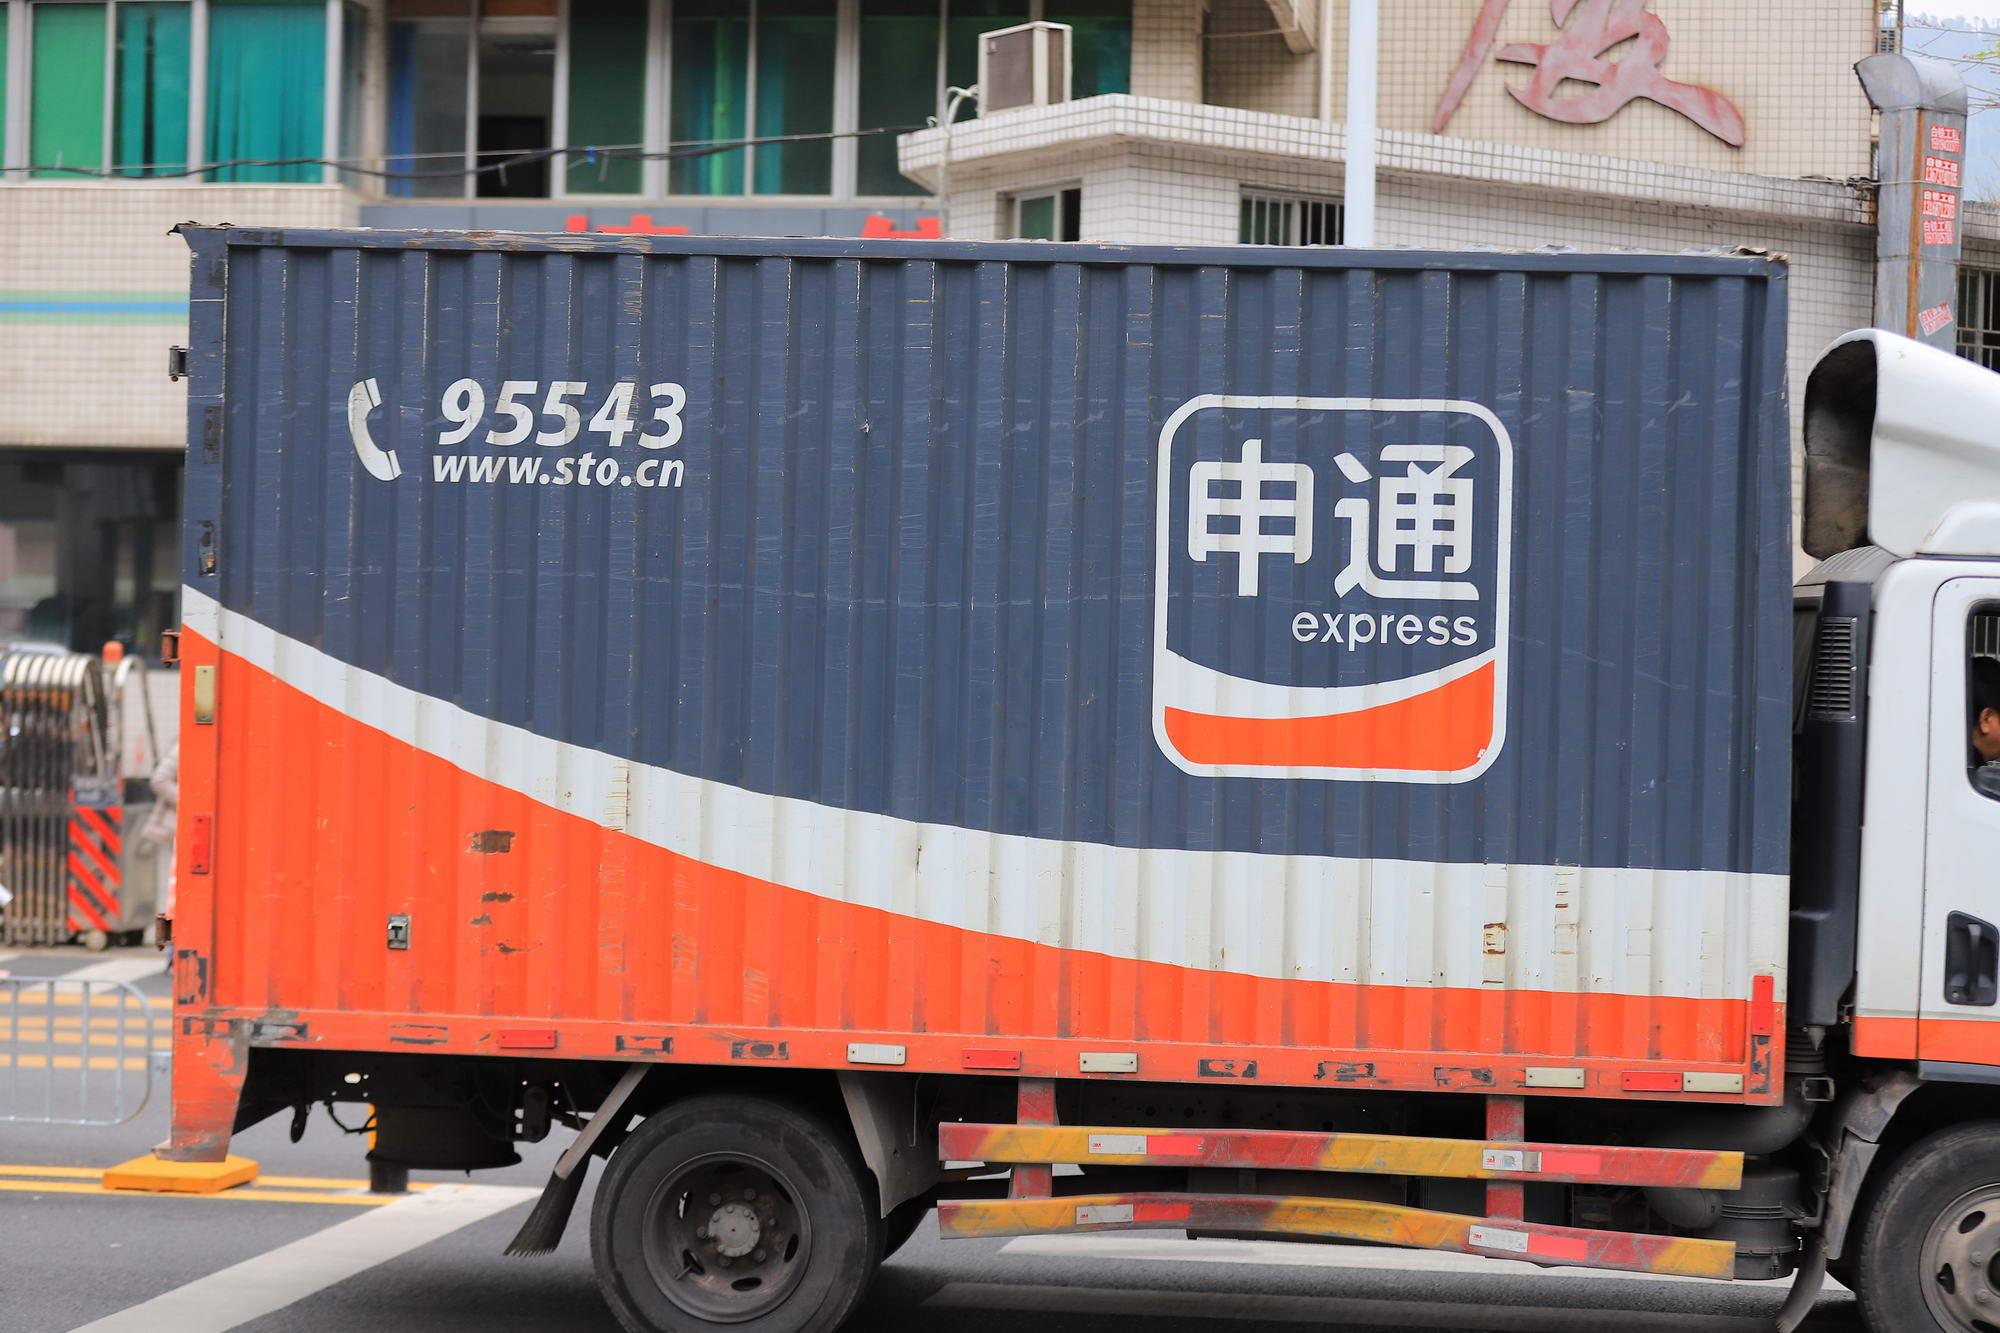 申通斥资1.05亿元成立供应链和物流新公司